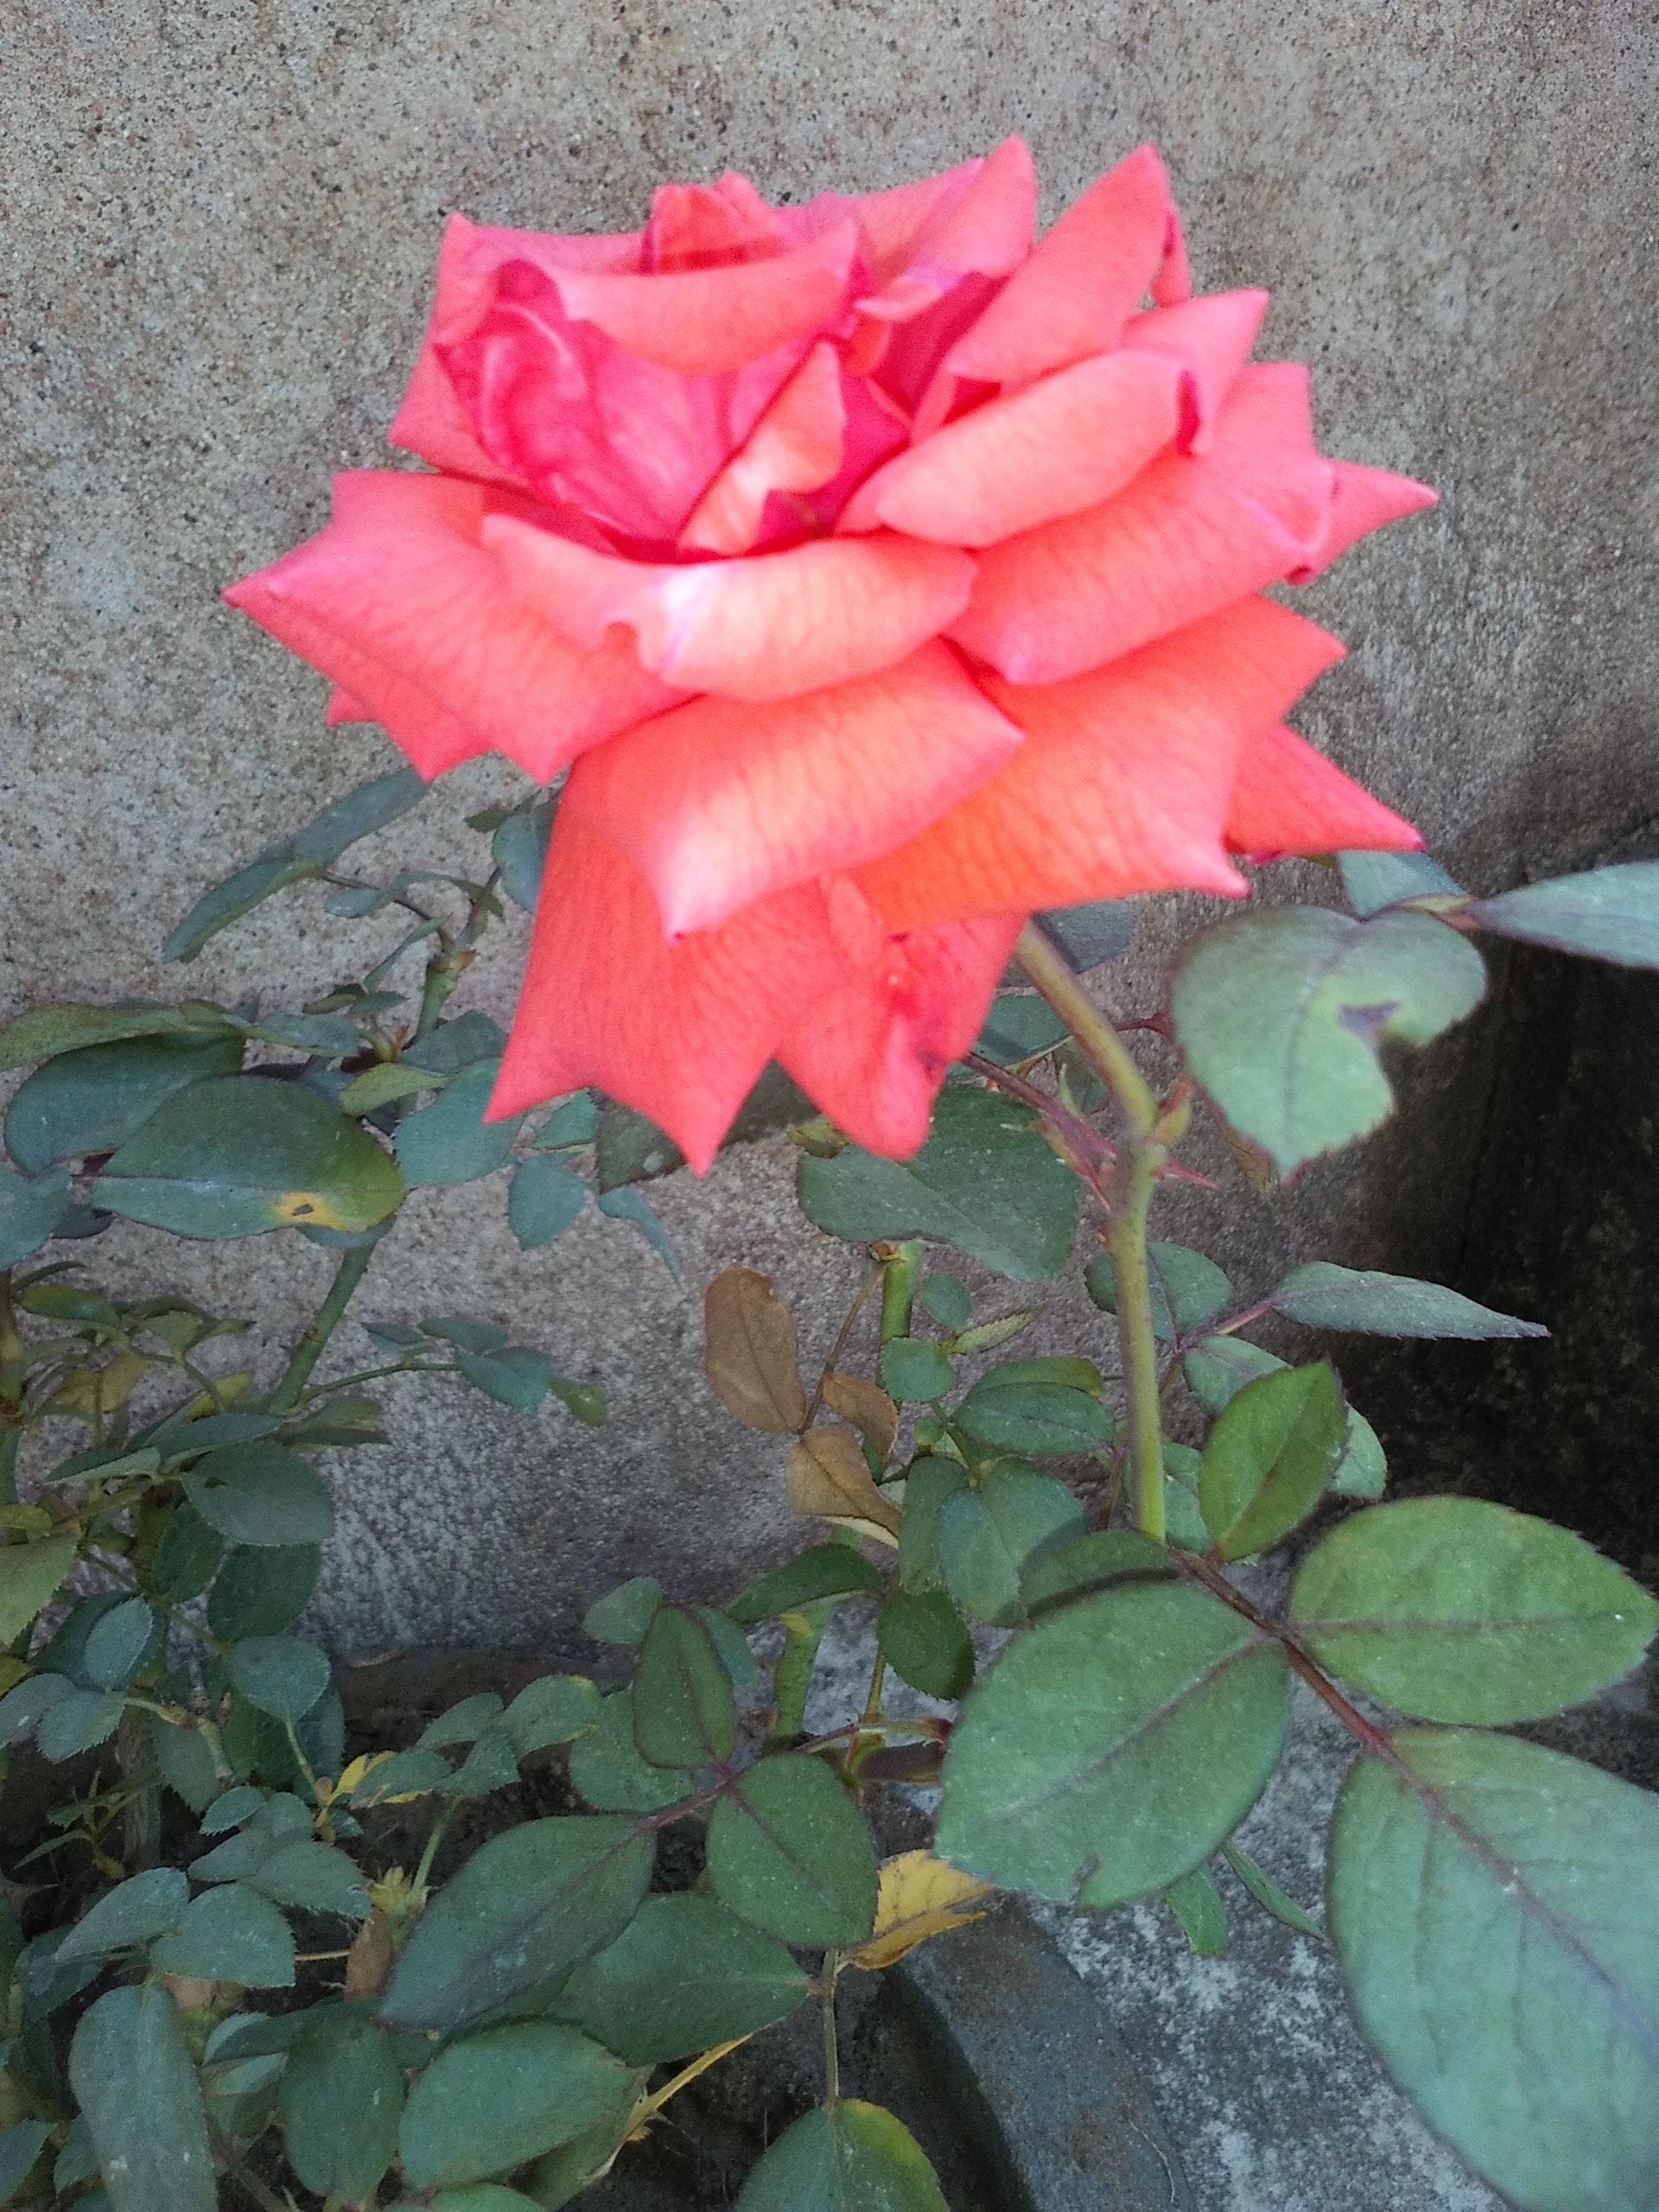 hình ảnh hoa hồng vàng